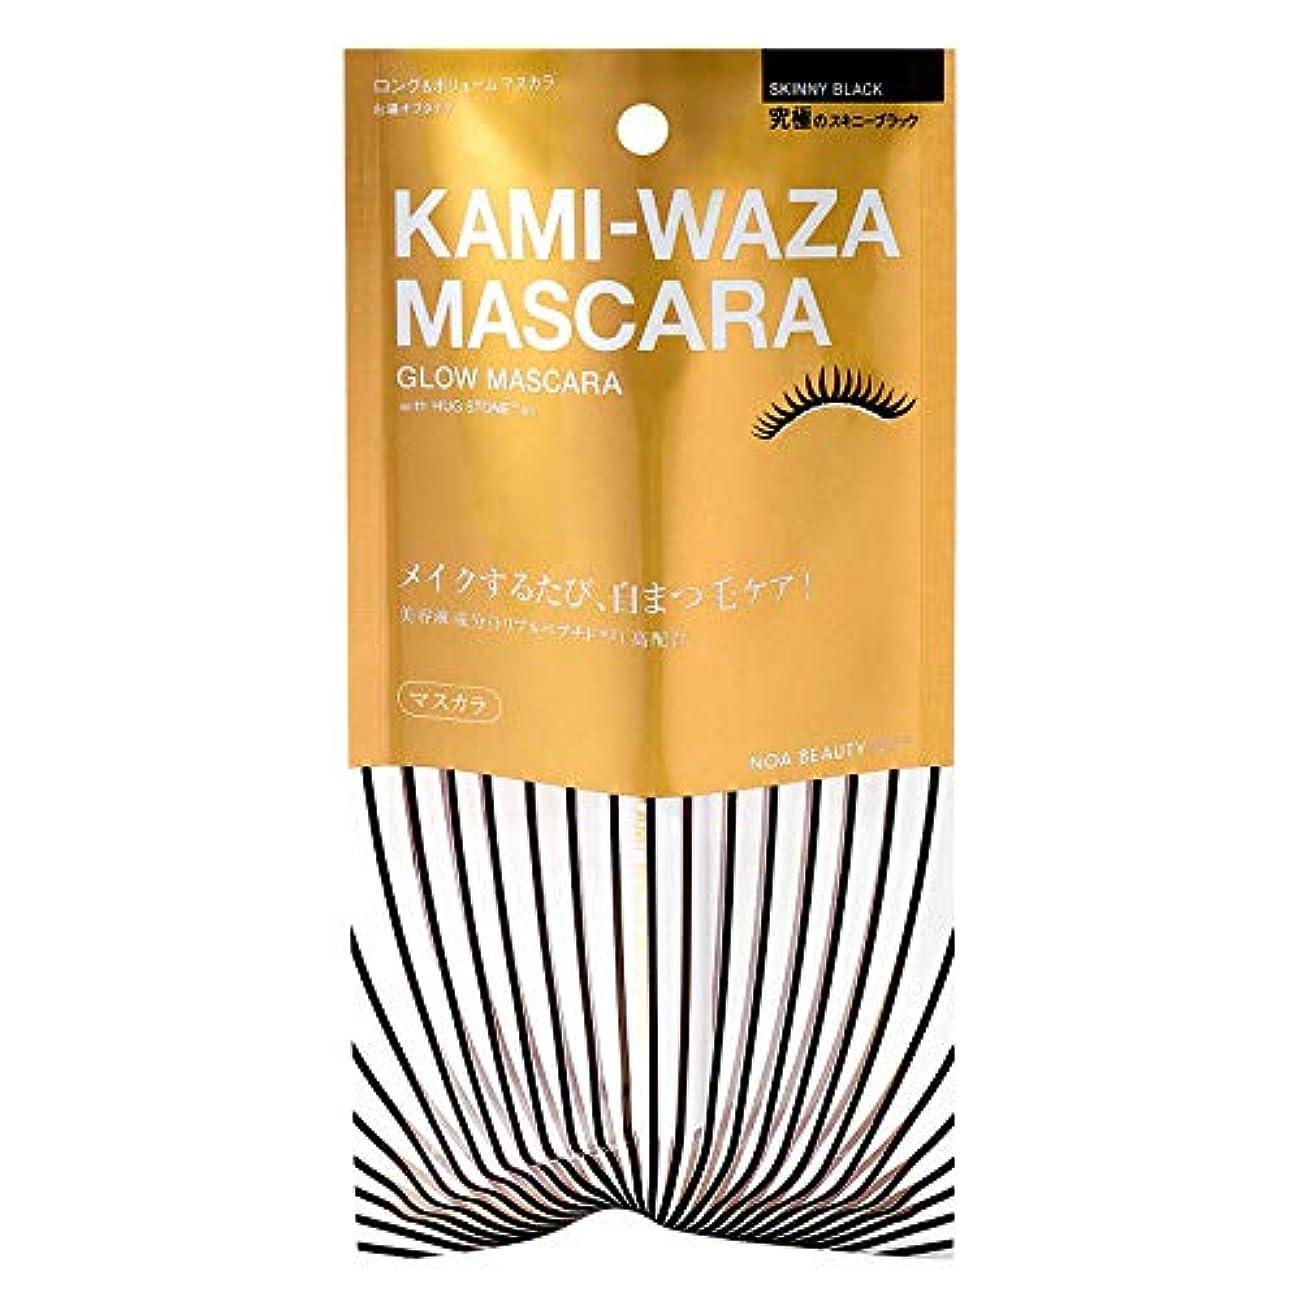 鮫適合する骨折KAMI-WAZA(カミワザ) MASCARA 〈美容マスカラ〉 KWM01 (8g)